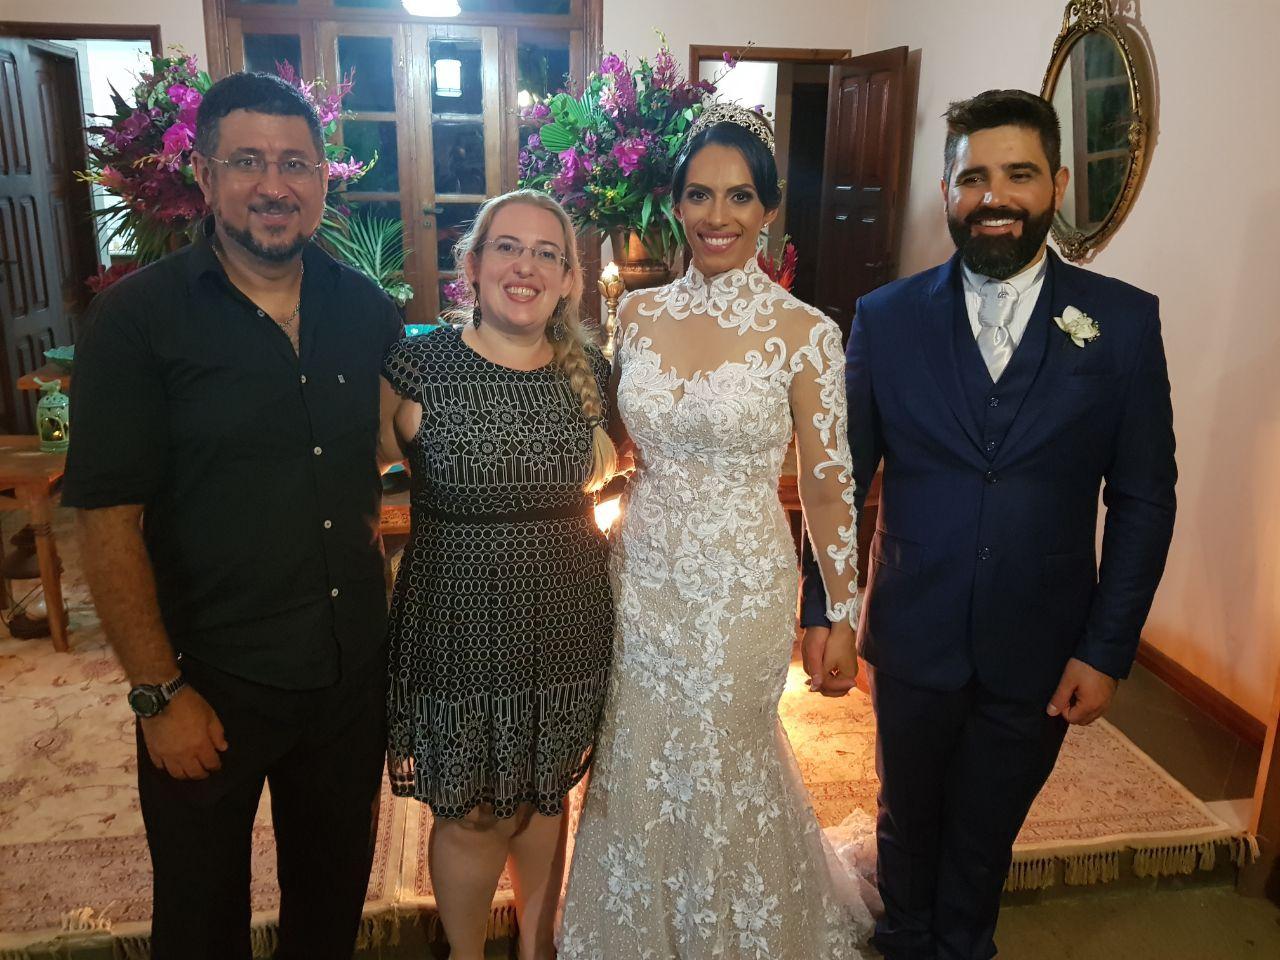 Música para Casamento em Juiz de Fora Luciane Borges Músicos para Casamento em JF e Cidades Vizinhas